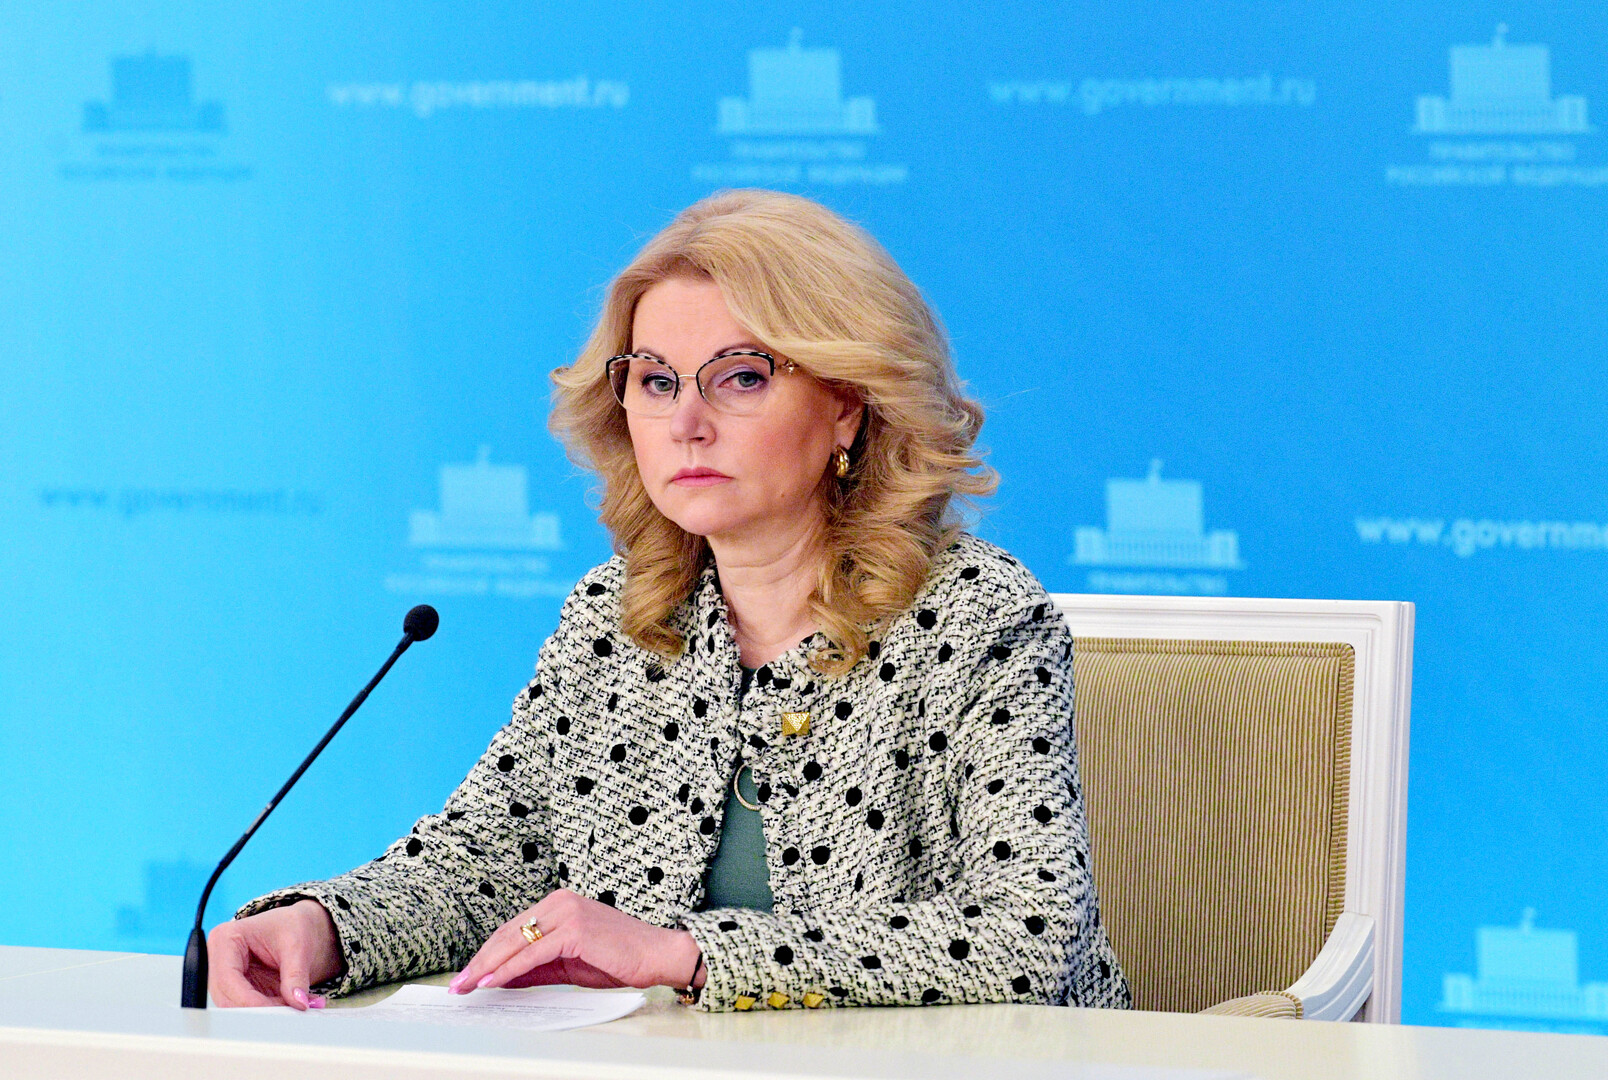 نائبة رئيس الوزراء الروسية، تاتيانا غوليكوفا